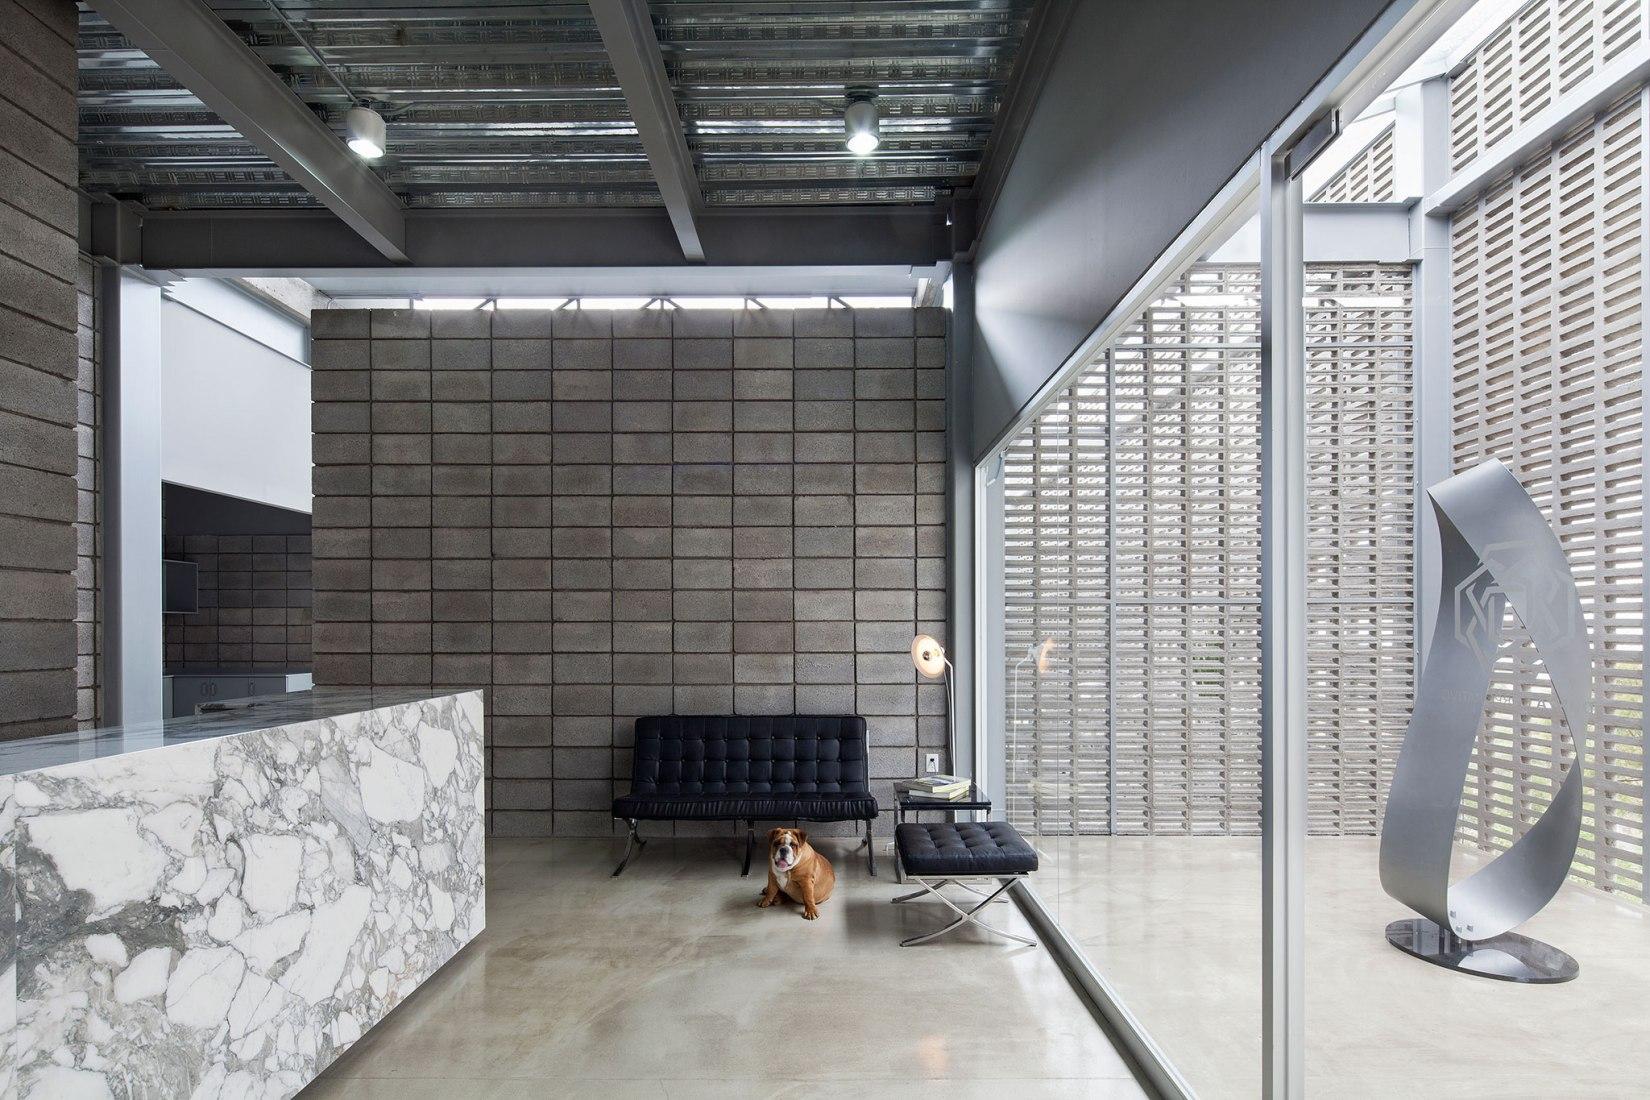 Corporativo Dunza por Morari Arquitectura + JAA. Fotografía por Adrián Llaguno